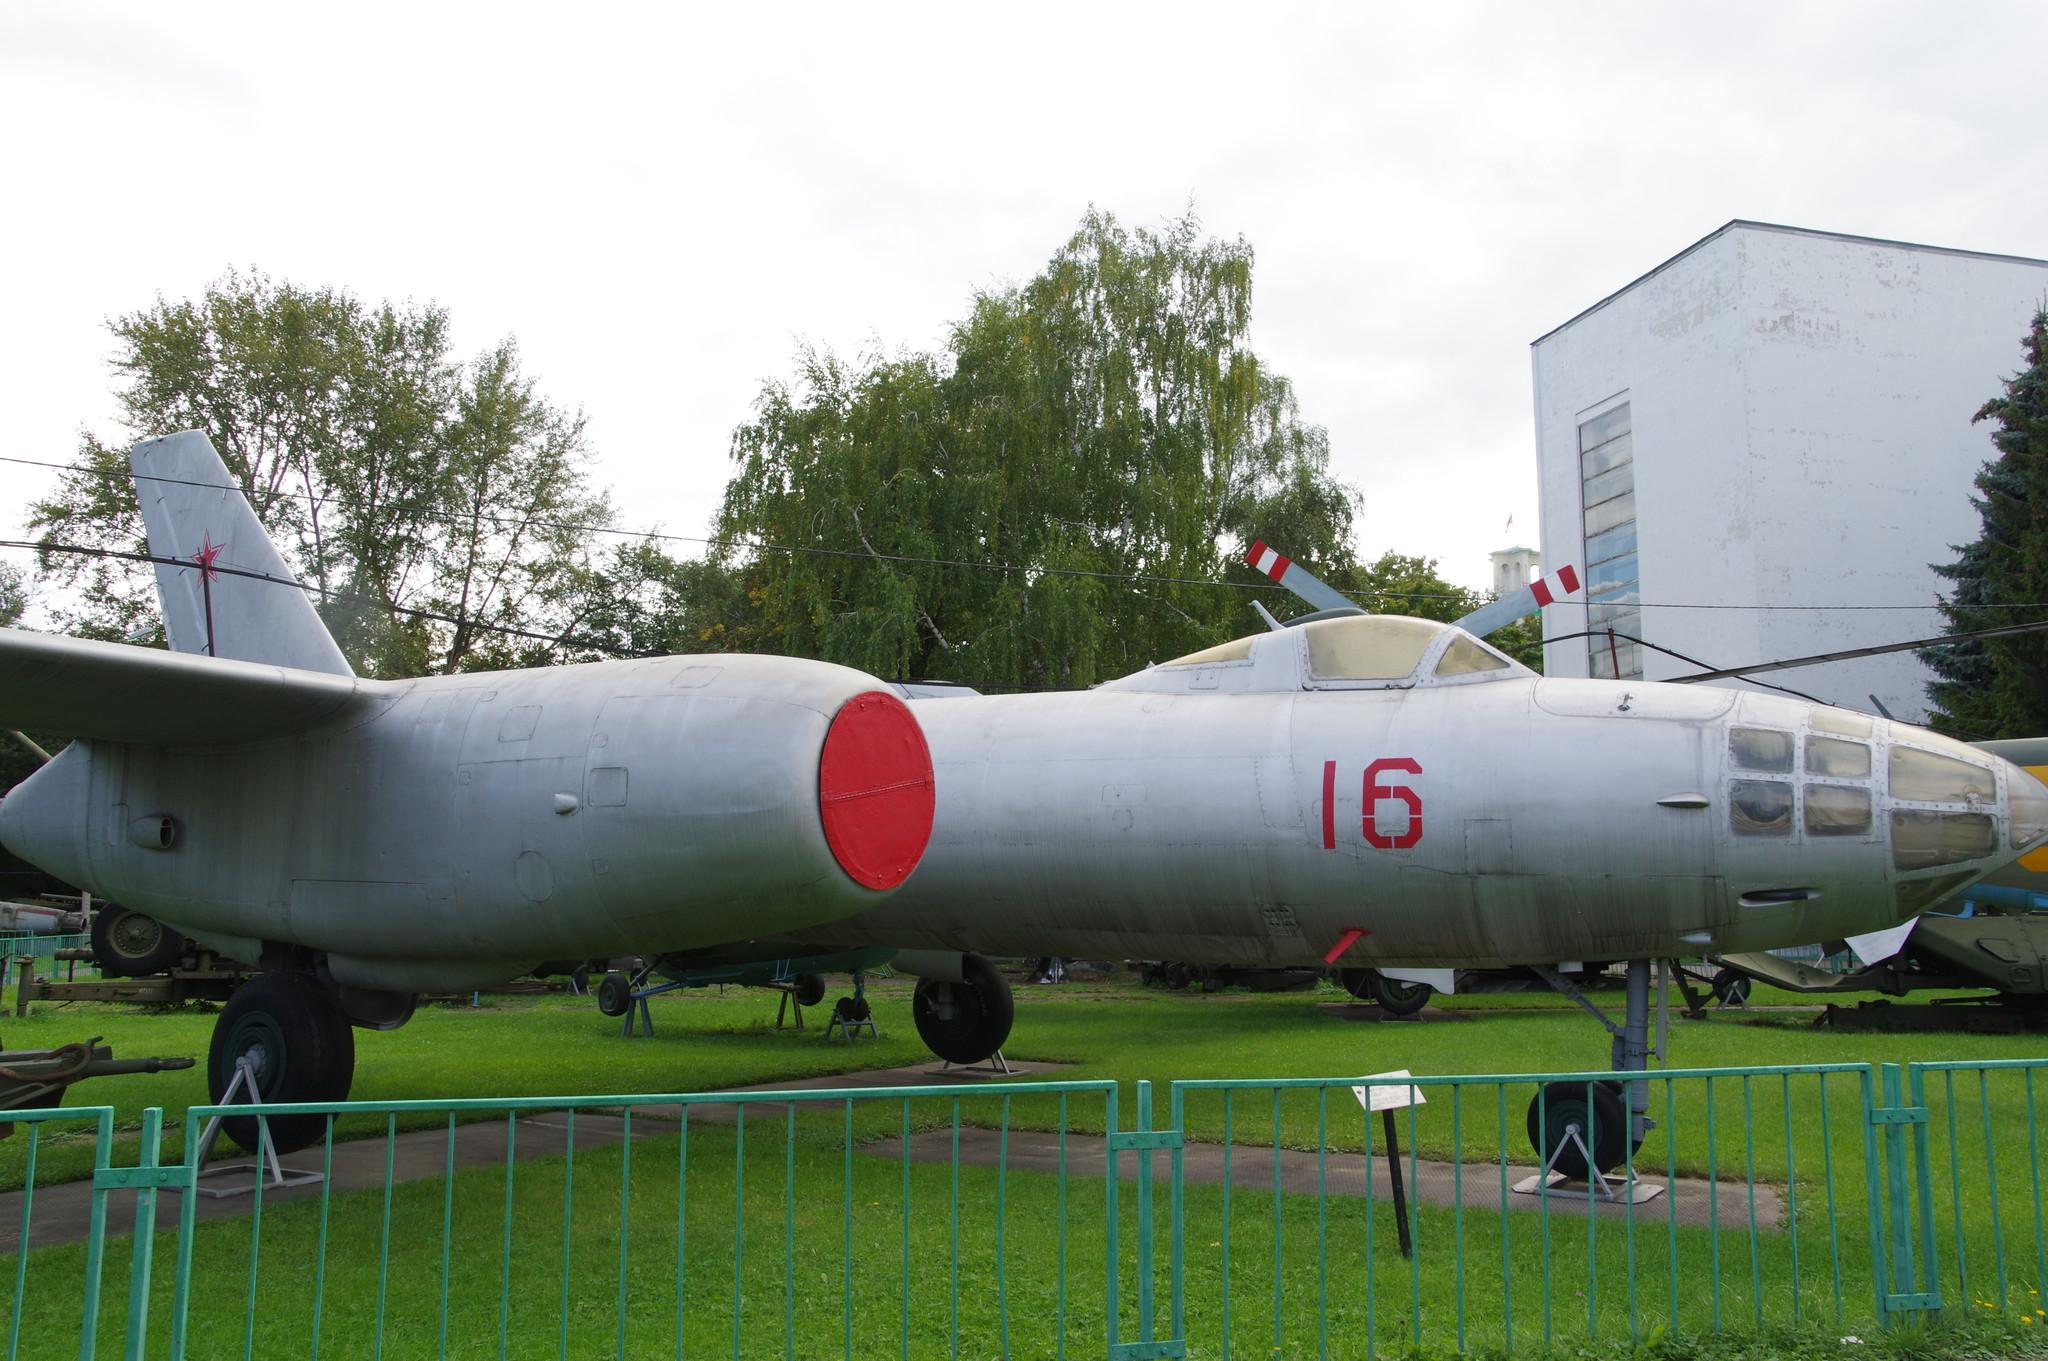 Фронтовой бомбардировщик Ил-28 в экспозиции Центрального музея Вооружённых сил Российской Федерации